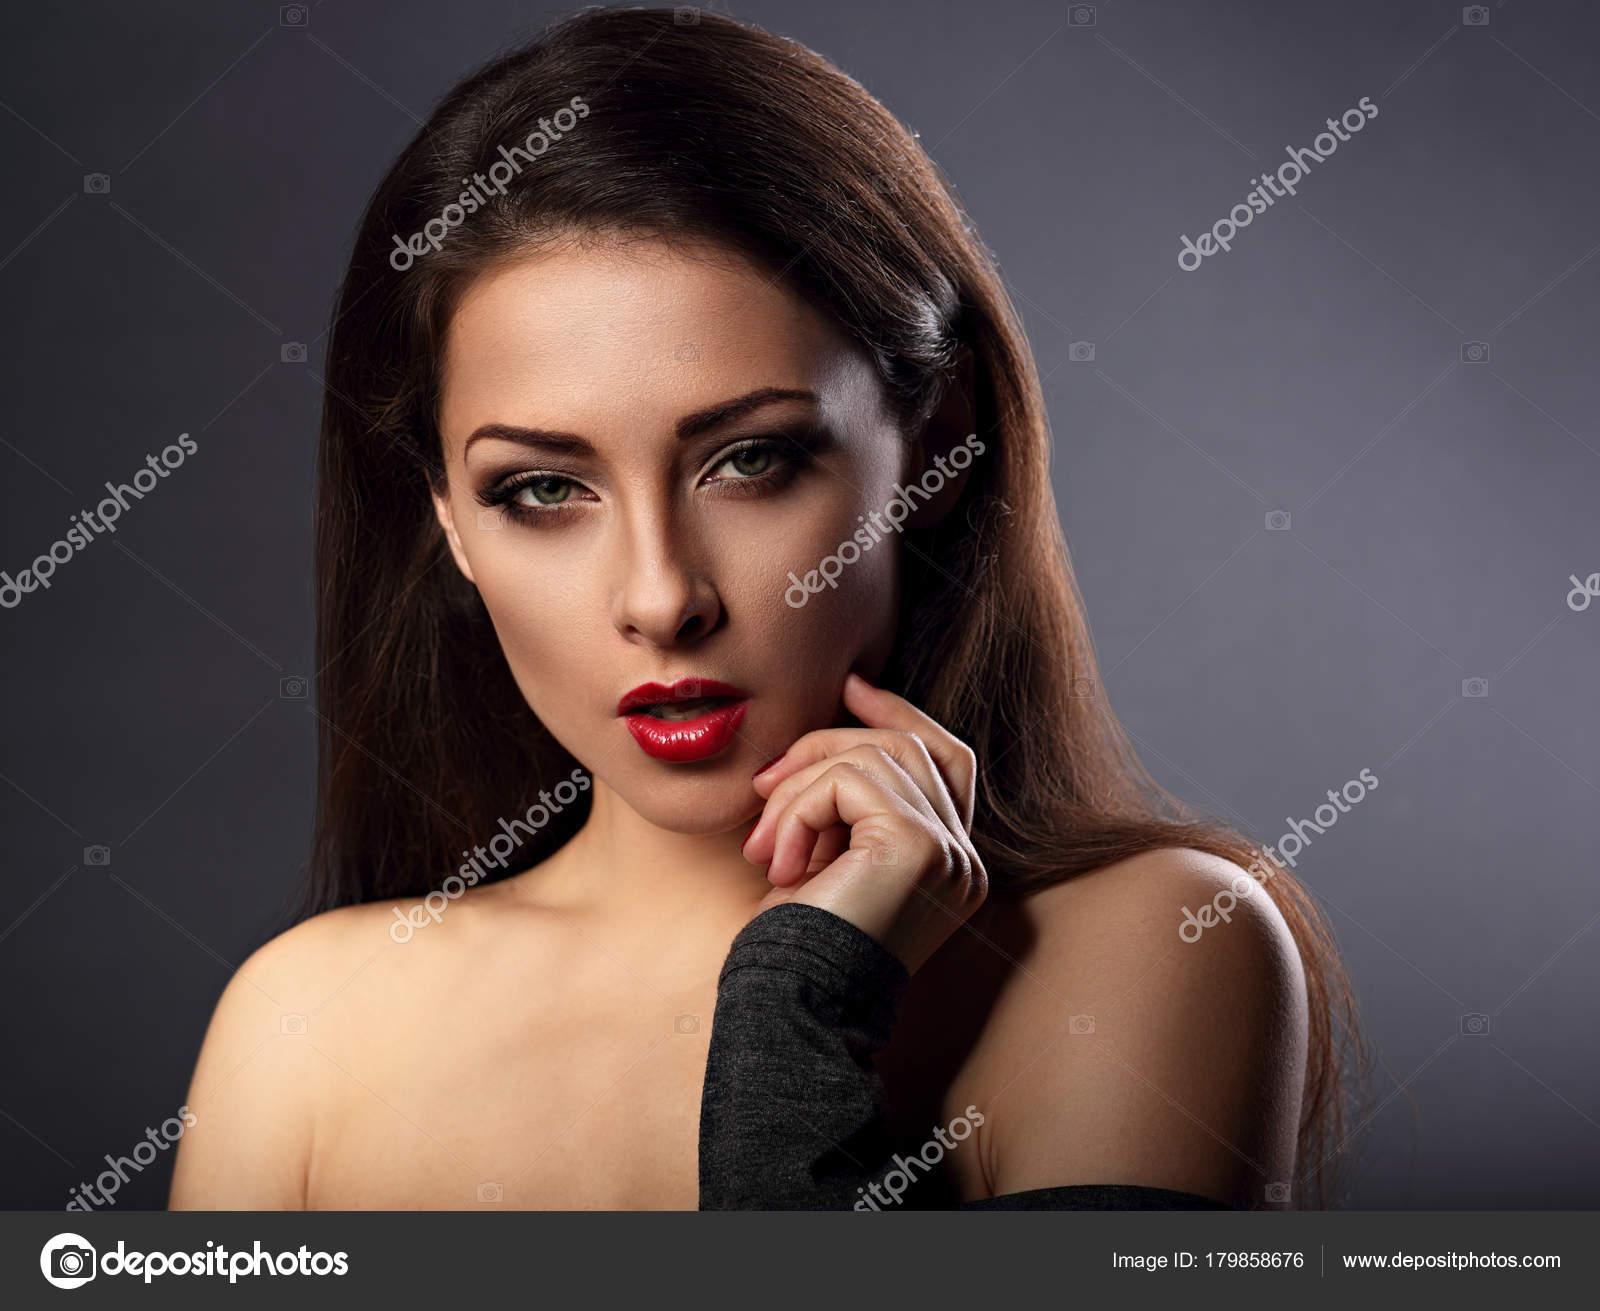 Модный и сексуальный макияж